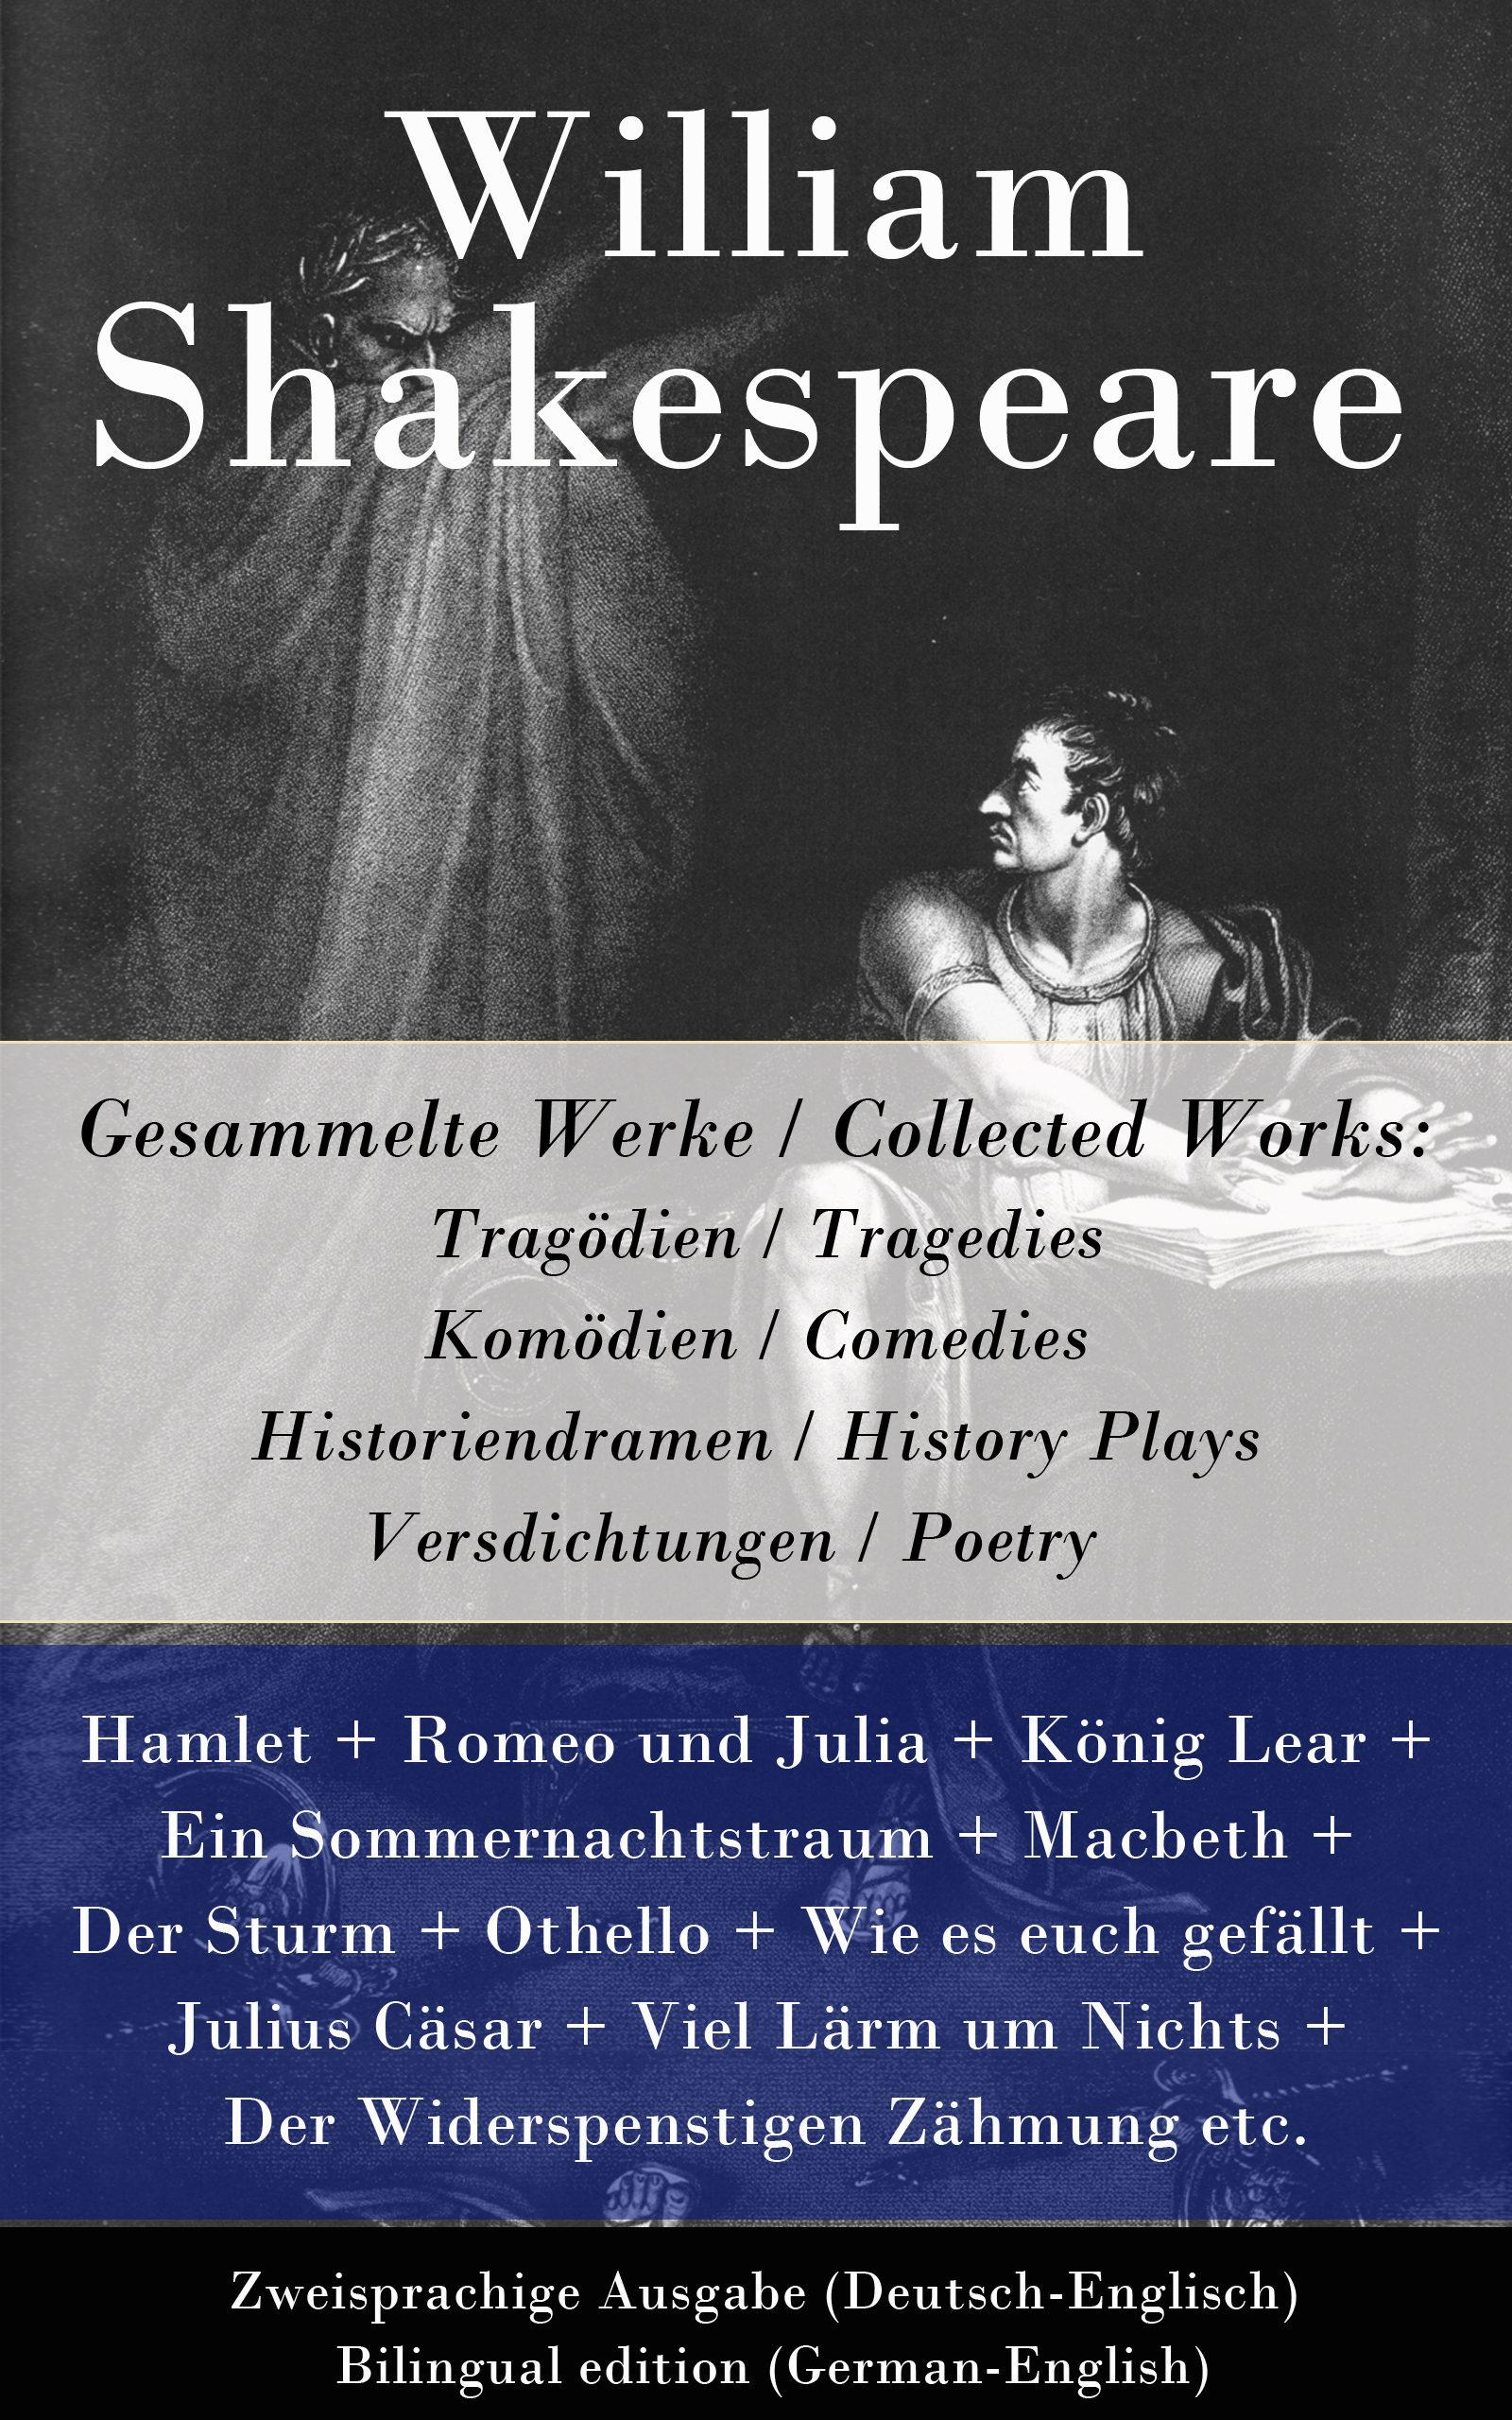 Gesammelte Werke Collected Works Tragodien Tragedies Komodien Comedies Historiendramen